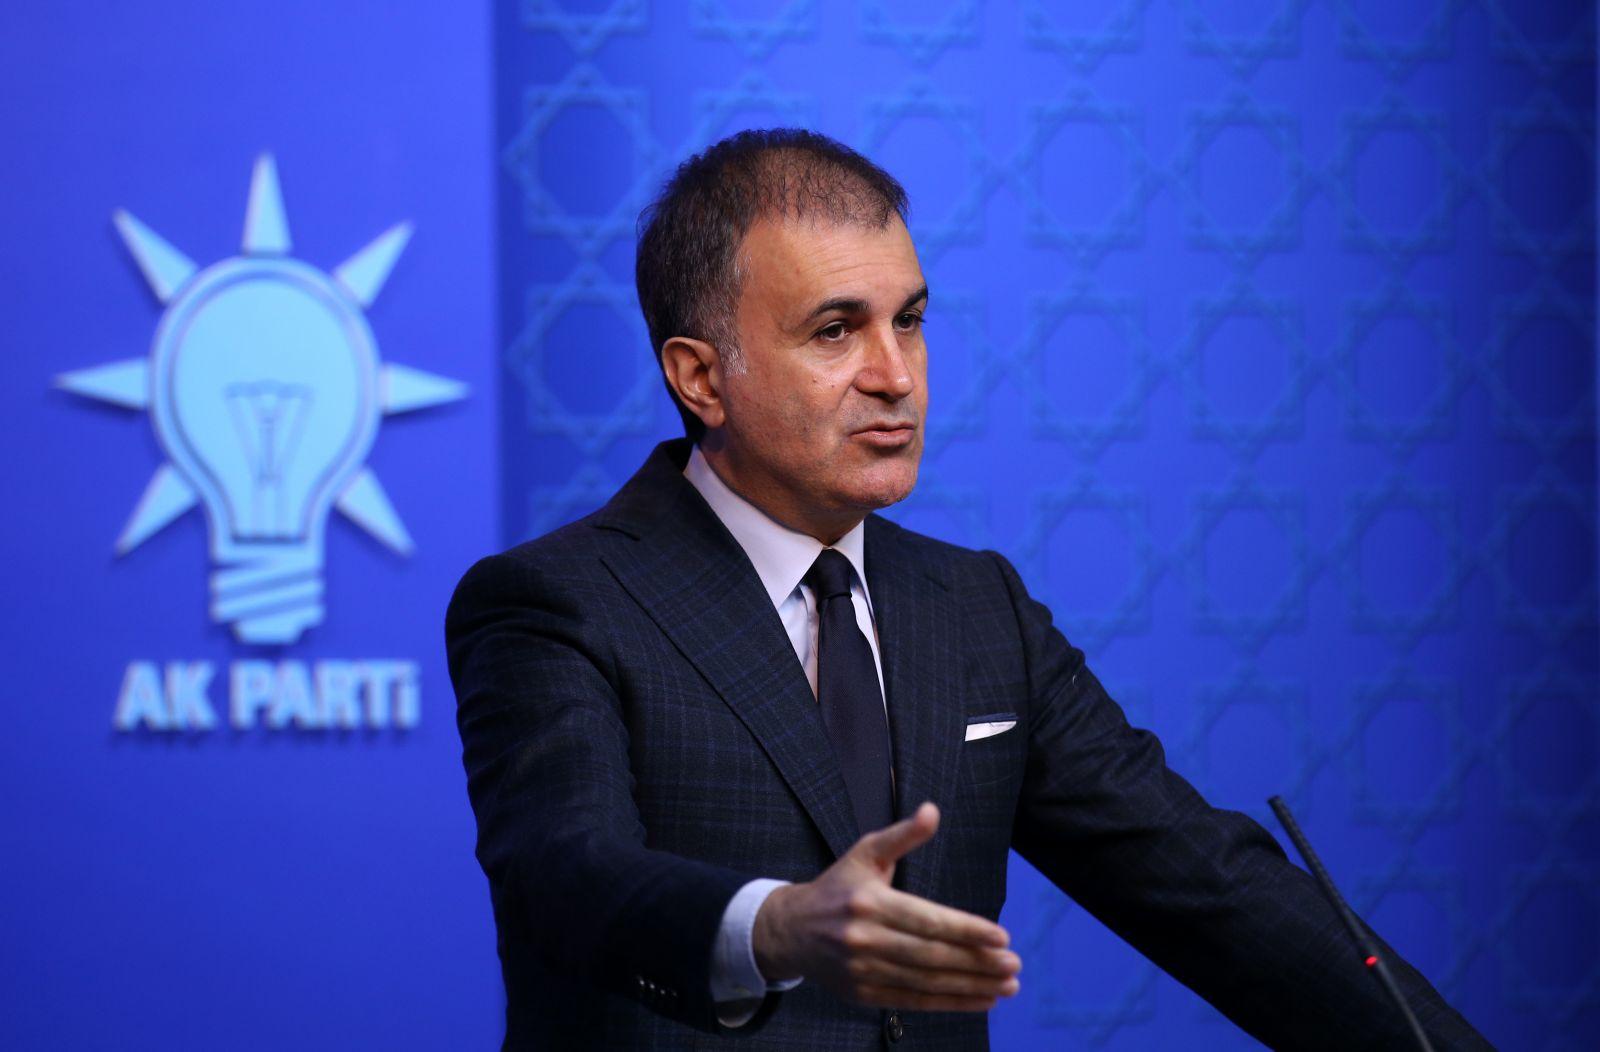 SON DAKİKA | Ömer Çelik Ermenistan saldırgan politikasıyla bölge barışını tehdit ediyor